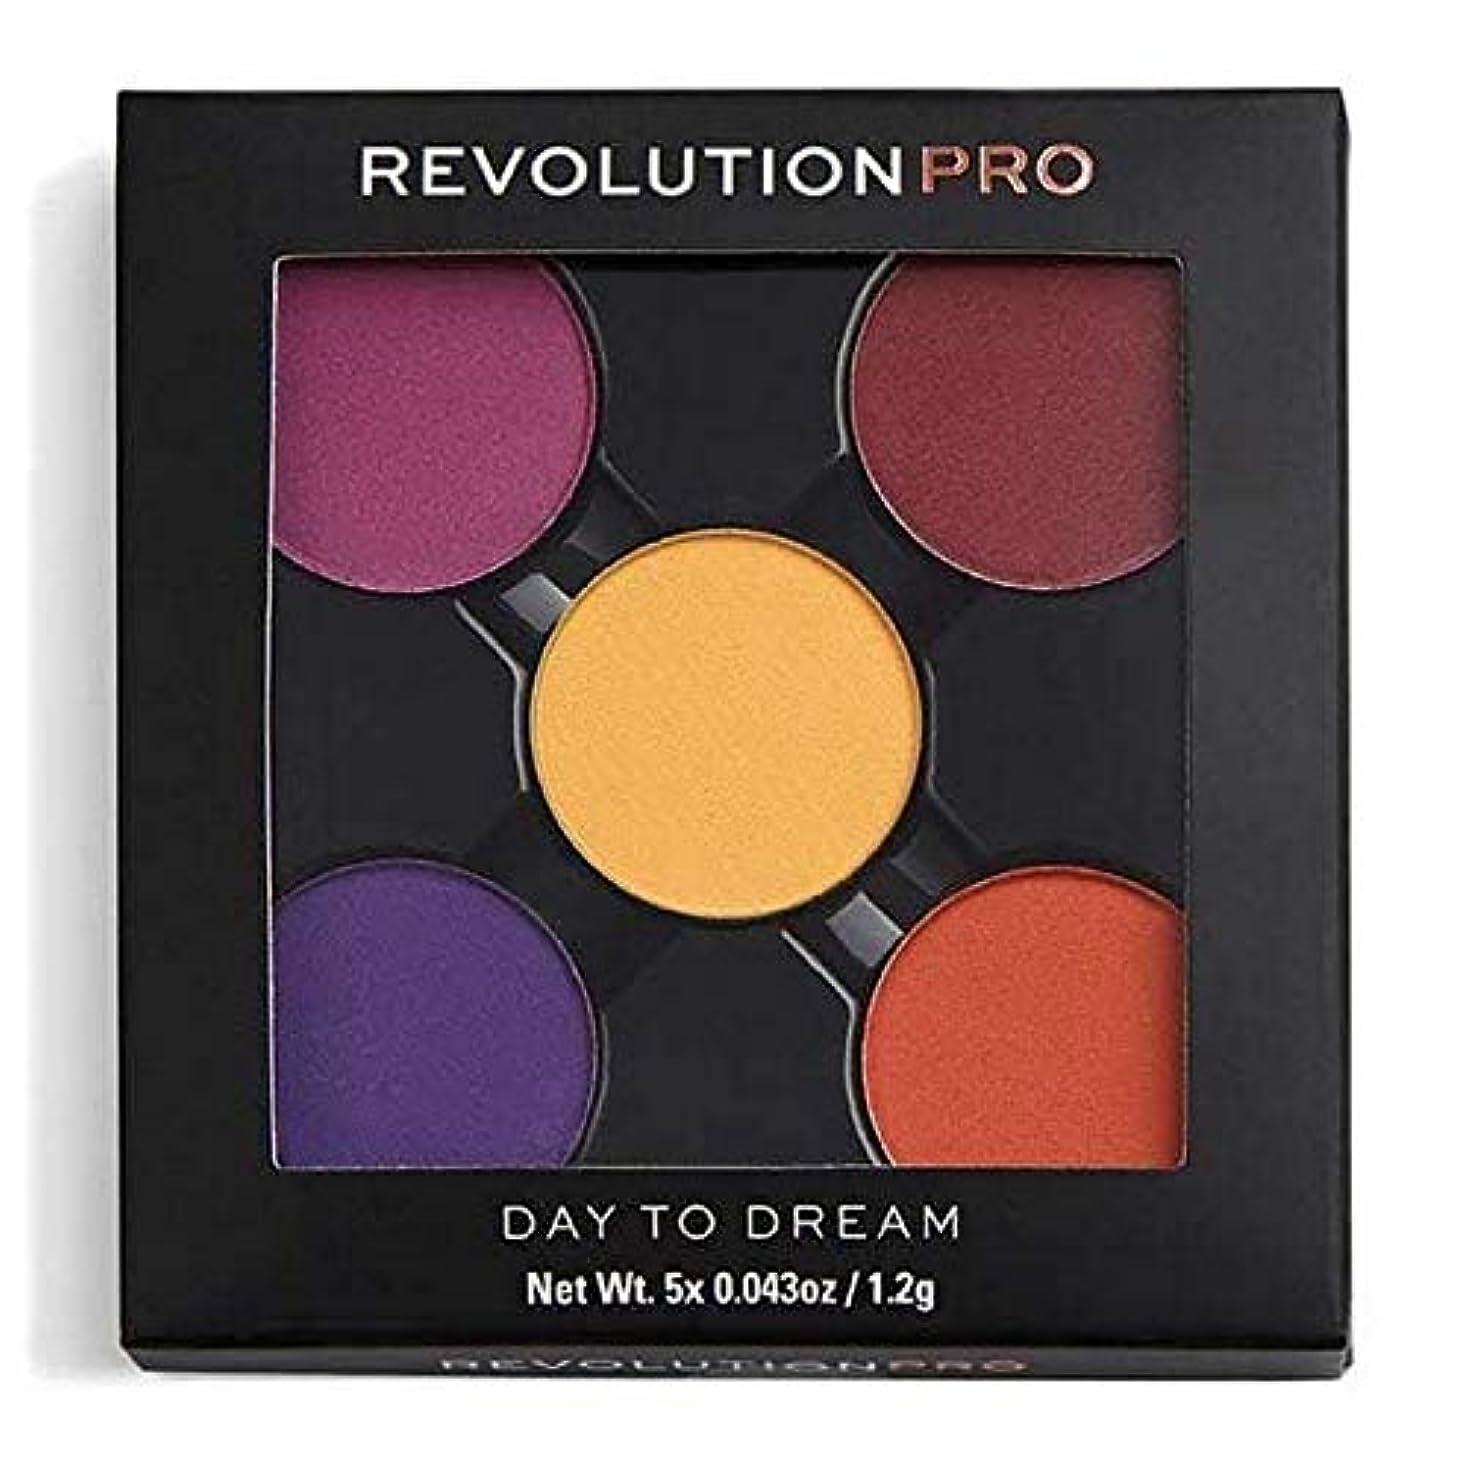 ポテトマザーランド北[Revolution ] 夢への革命プロリフィルアイシャドウパック日 - Revolution Pro Refill Eyeshadow Pack Day To Dream [並行輸入品]